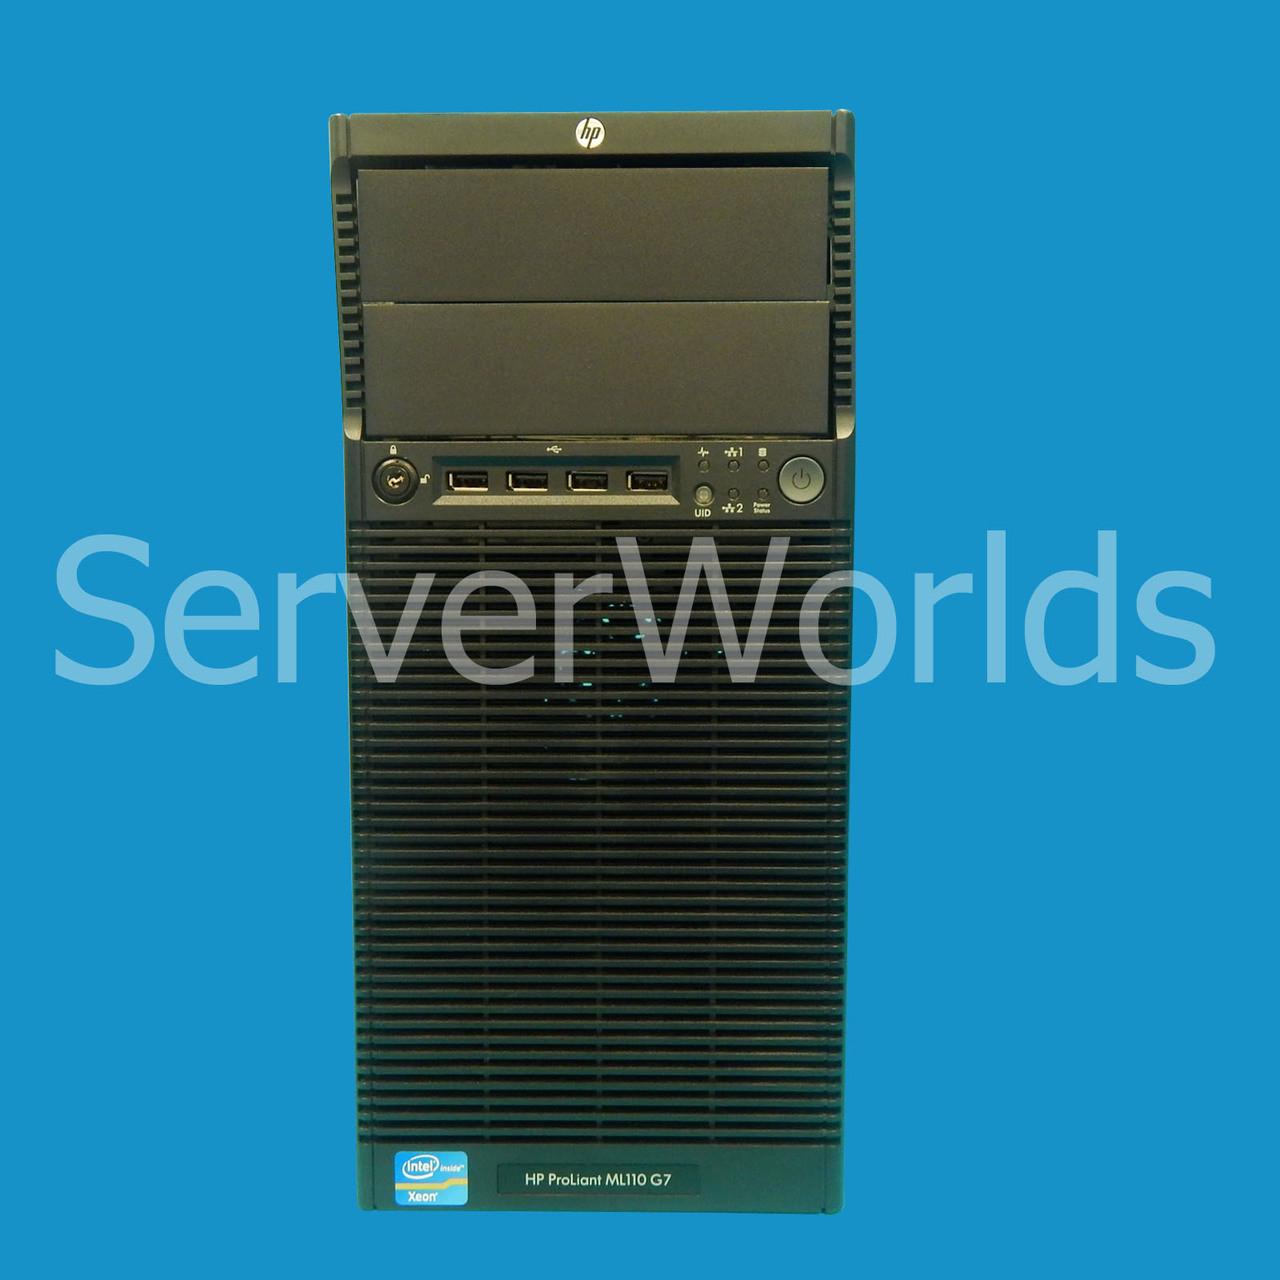 HP 656766-S01   Refurbished ML110 G7 Server   Used HP ML110